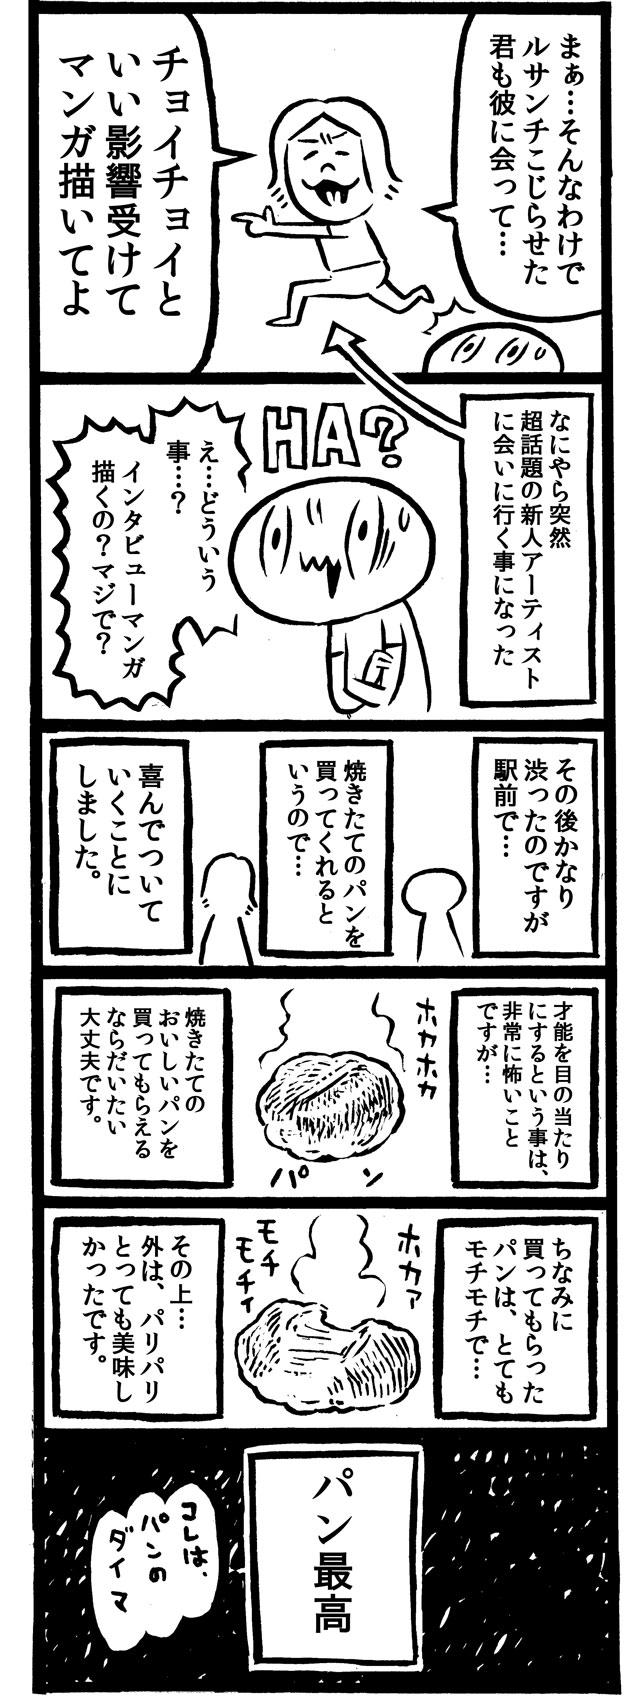 f:id:kakijiro:20151225102526j:plain